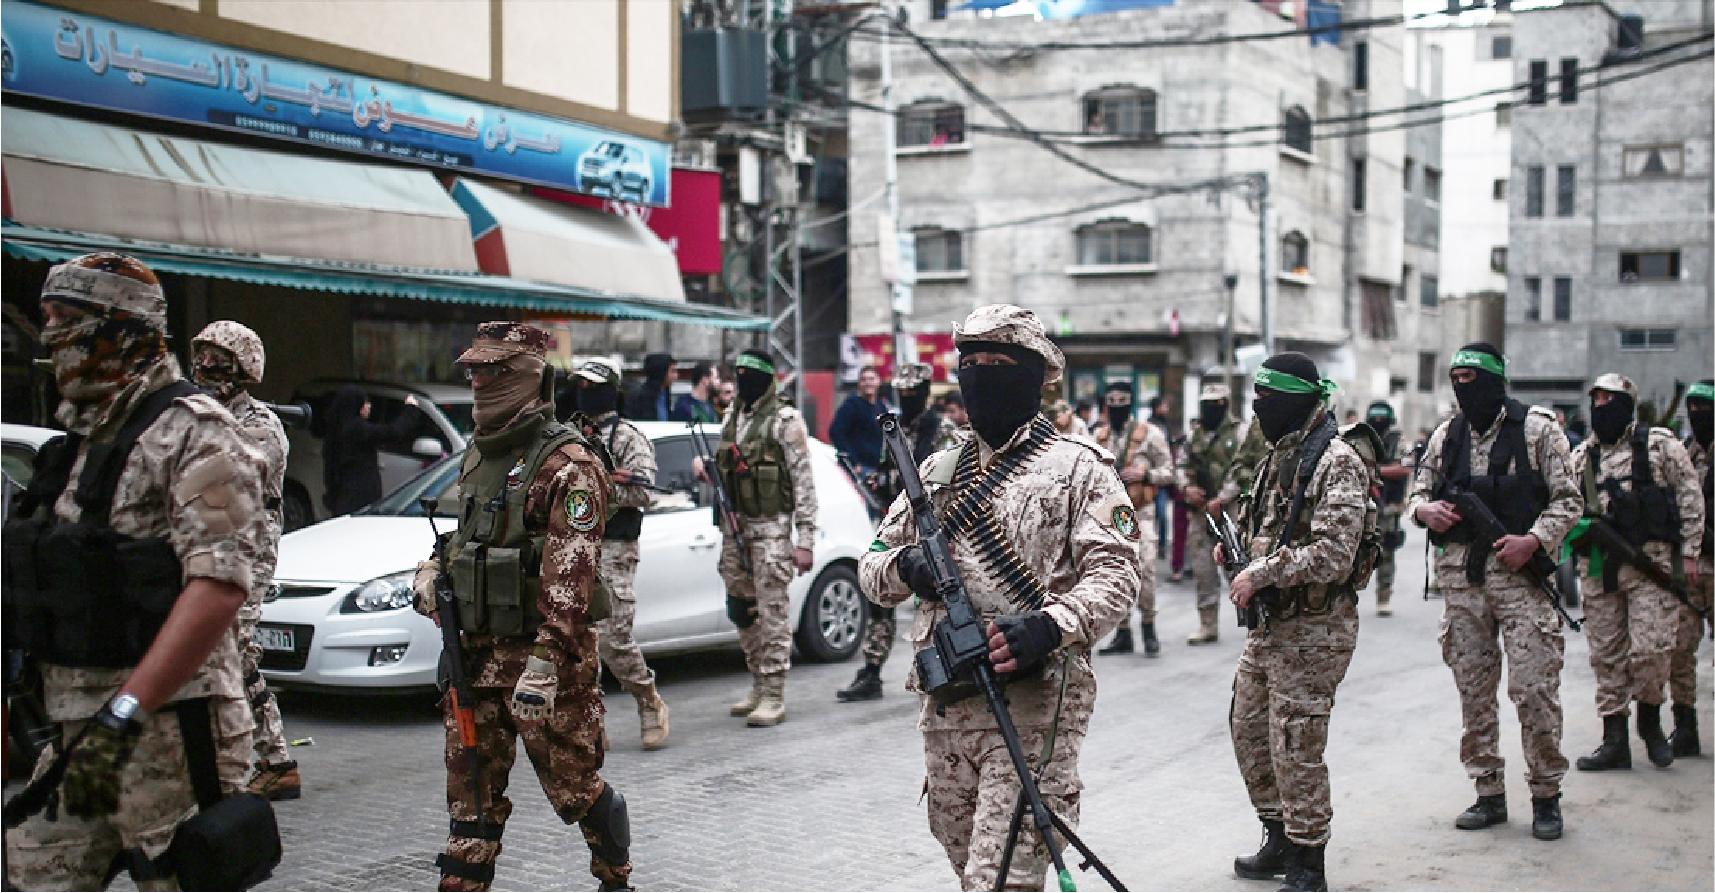 صورة حماس تستعرض ما لديها من ترسانة عسكريّة كافية لرد أيّ عدوان من أهالي قطاع غزة